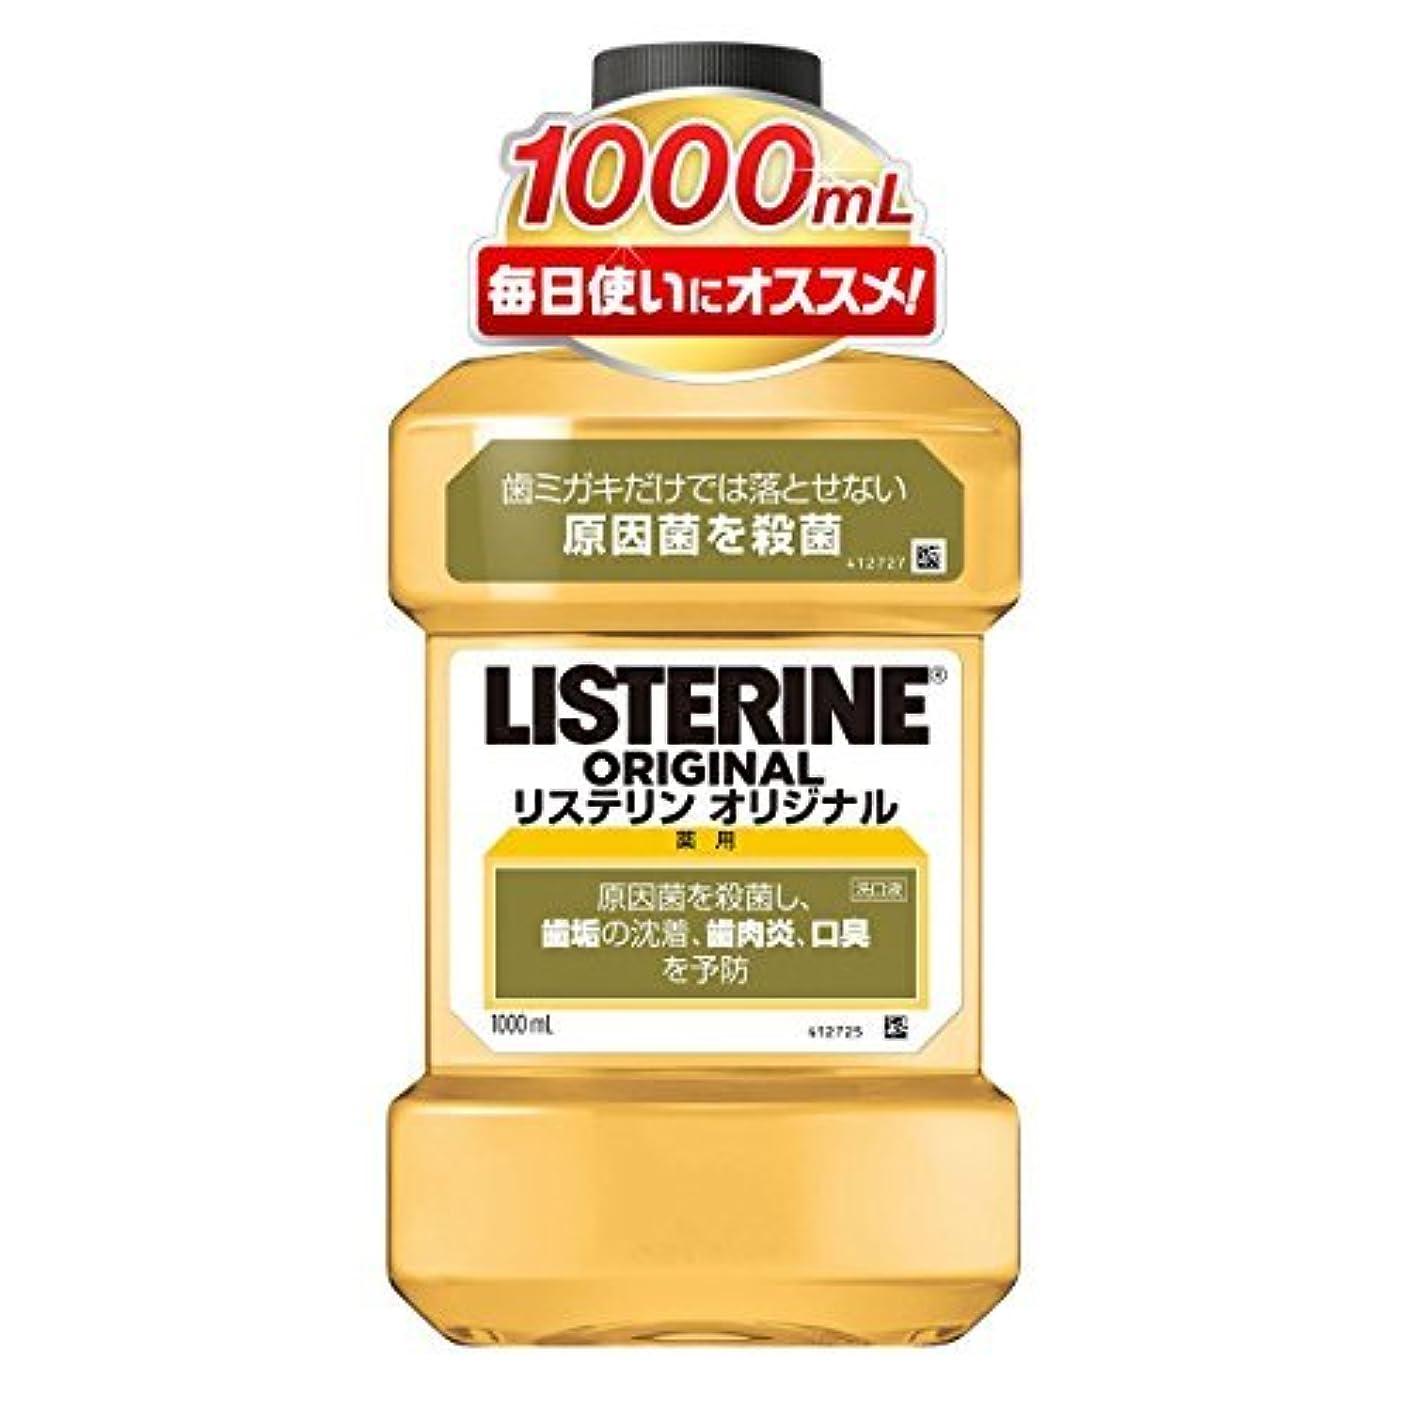 非難する船員暴行薬用リステリン オリジナル 1000ml ×6個セット